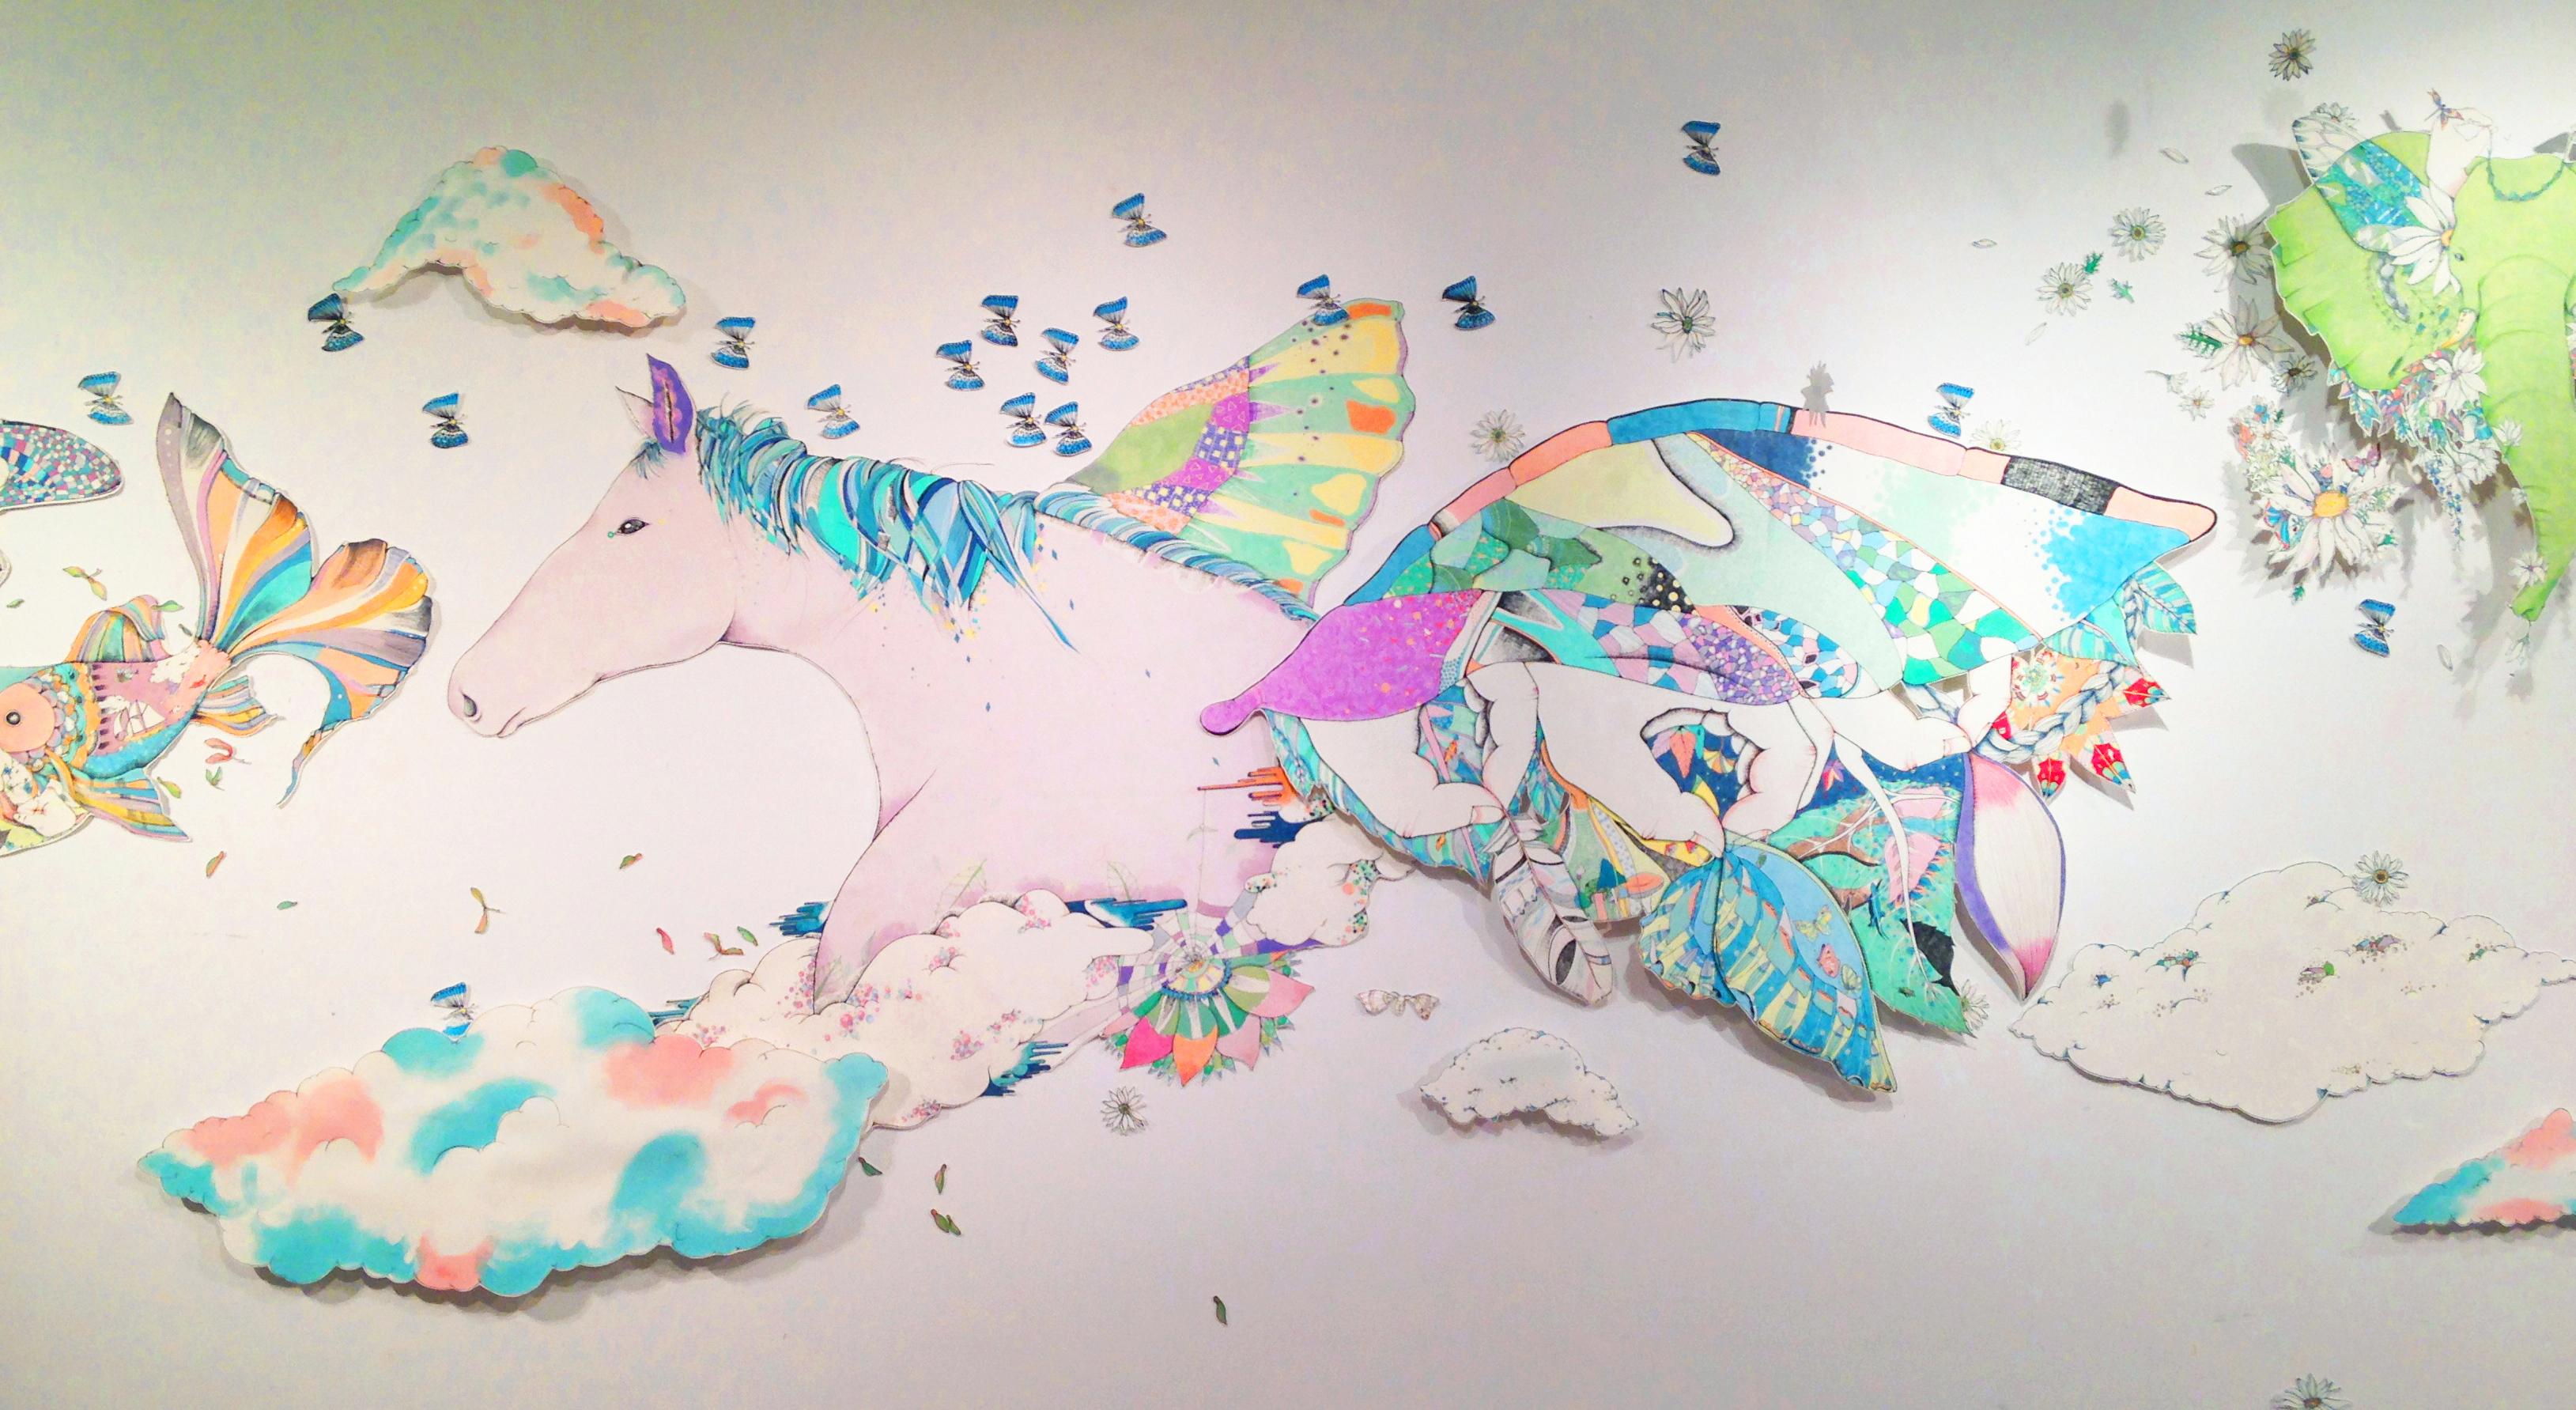 染色のストーリー! 藤沢まゆ個展 楽園 【今週のおすすめアート】